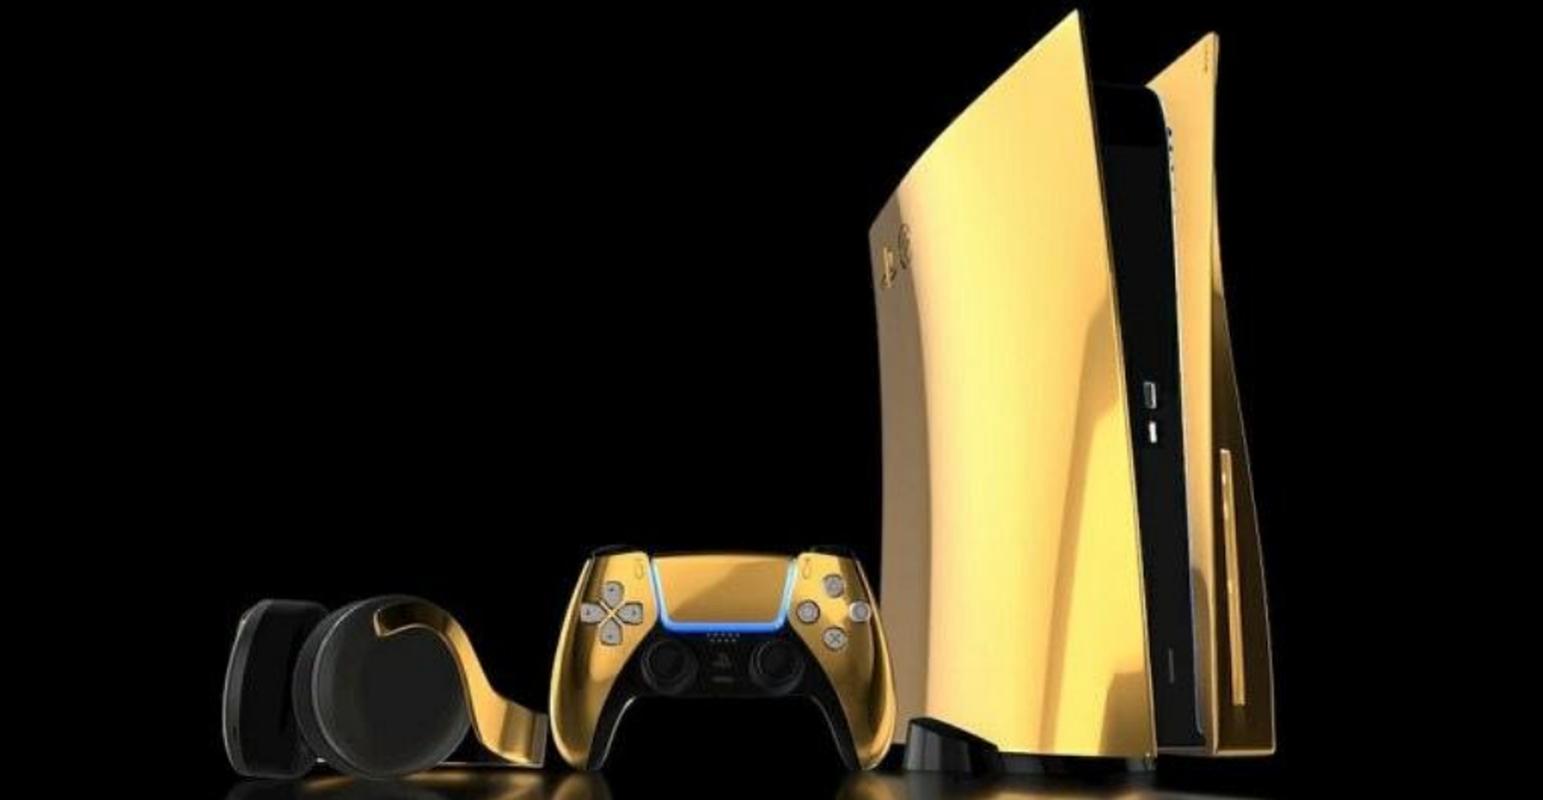 PS5 con chua co gia, co hang da rao ban PS5 ma vang gan 250 trieu-Hinh-4